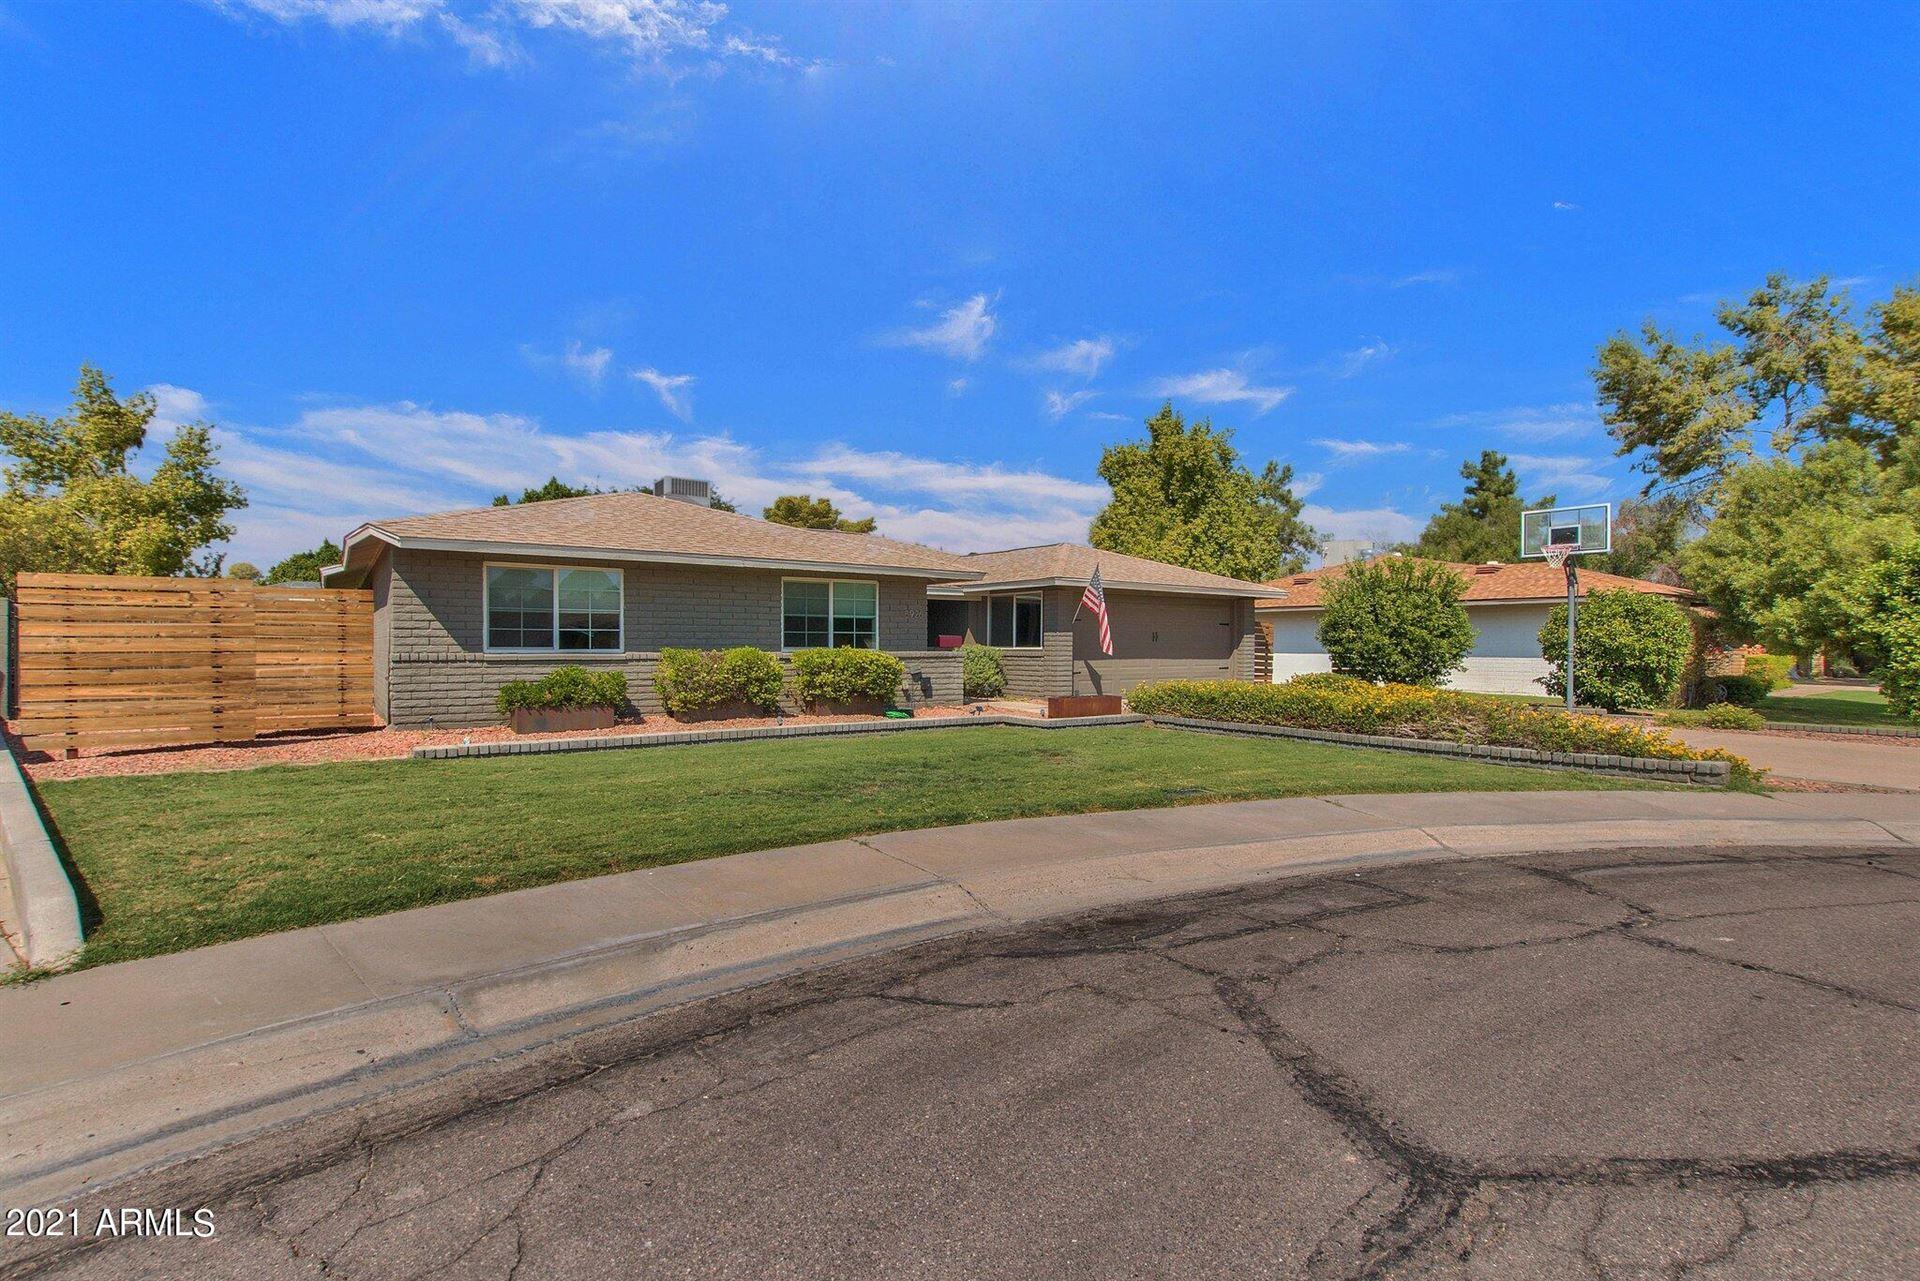 Photo of 5926 S NEWBERRY Road, Tempe, AZ 85283 (MLS # 6295009)